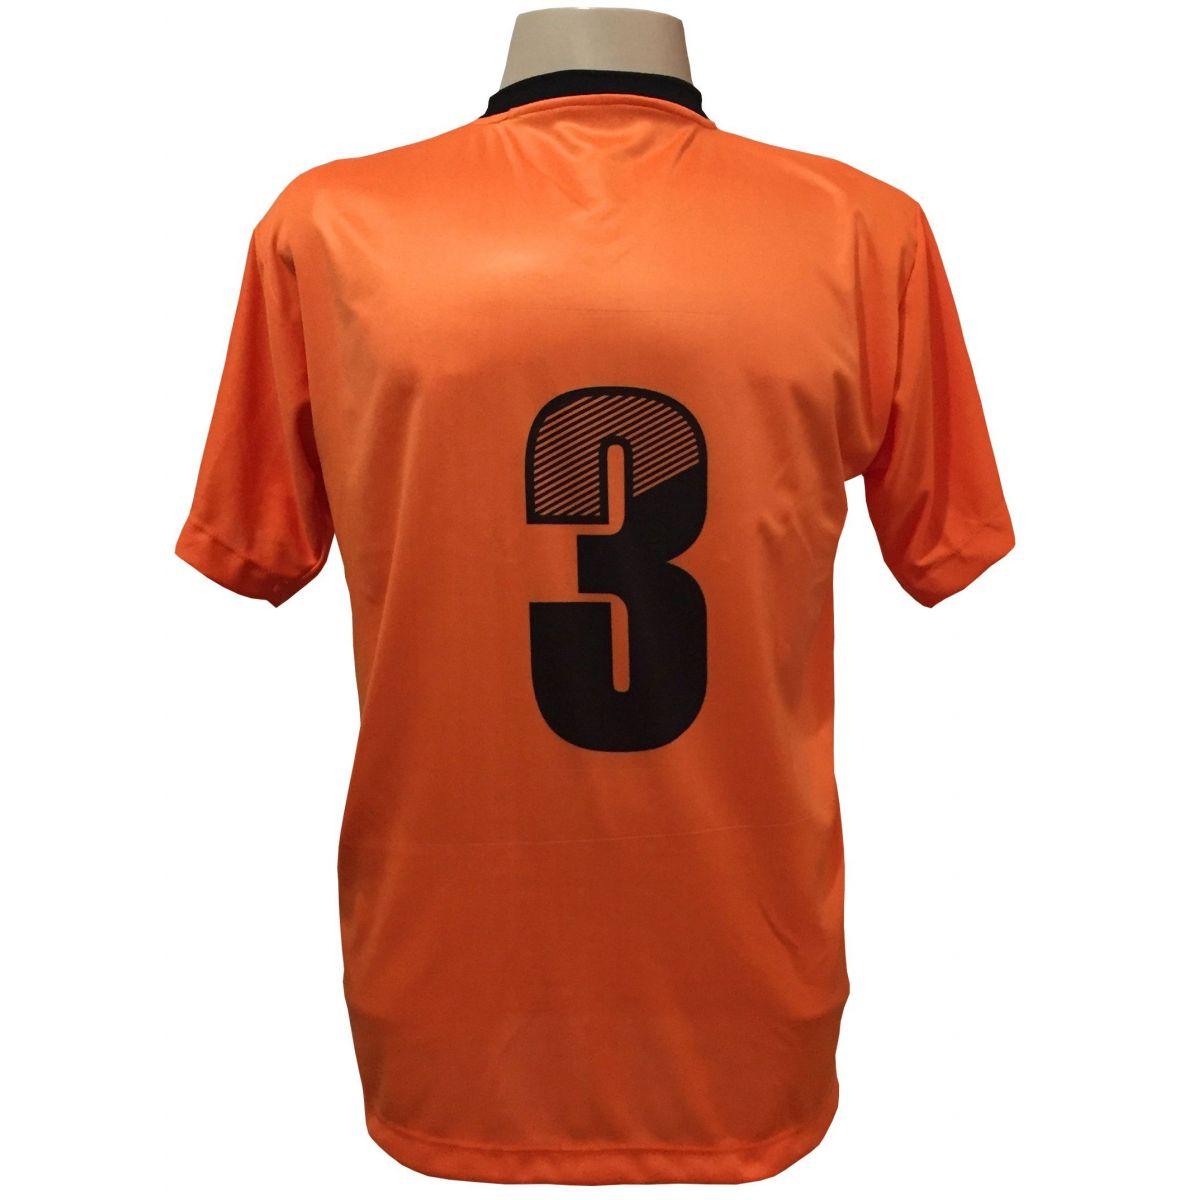 4898799fdf7c0 ... Uniforme Esportivo com 18 camisas modelo Roma Laranja Preto + 18  calções modelo Madrid + ...